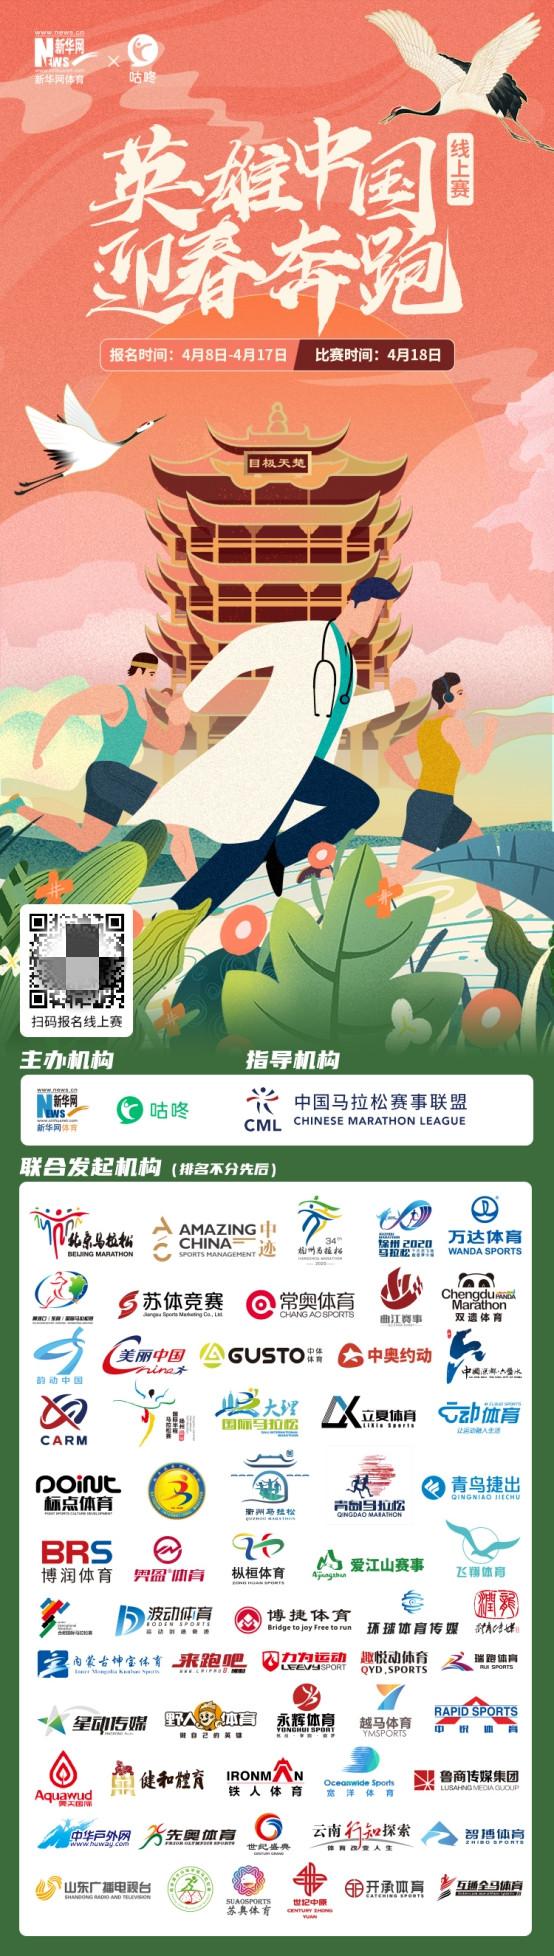 """武汉""""解封""""!4月最值得期待的赛事来了:云逛马博会、送赛事名额、送运动装备!"""